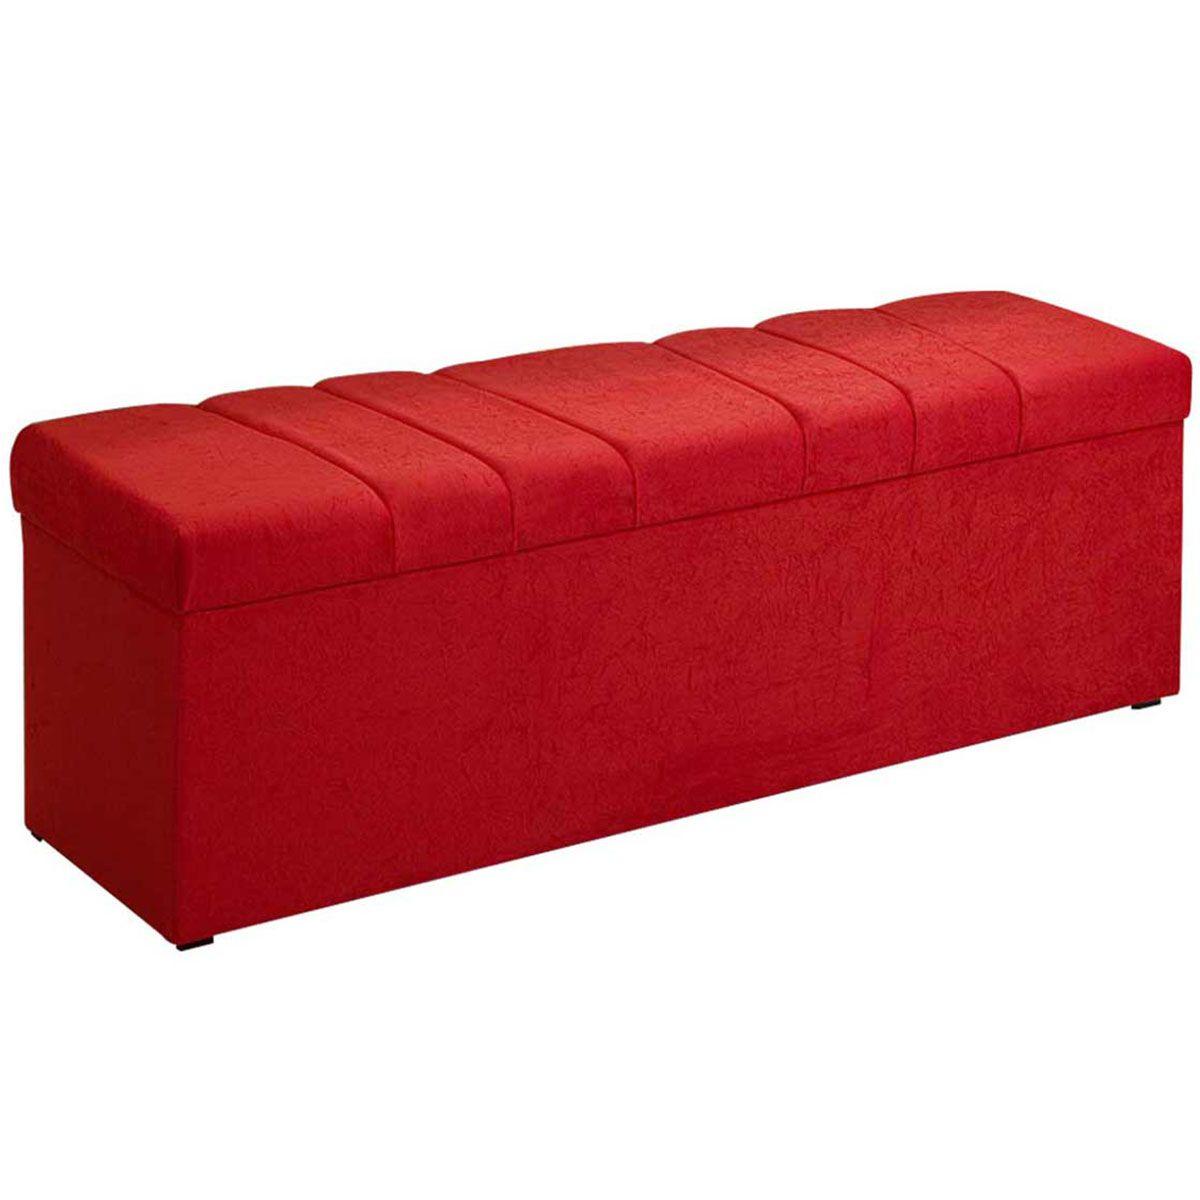 Kit Cabeceira Poliana e Calçadeira Kiara Queen 160 cm Vermelho